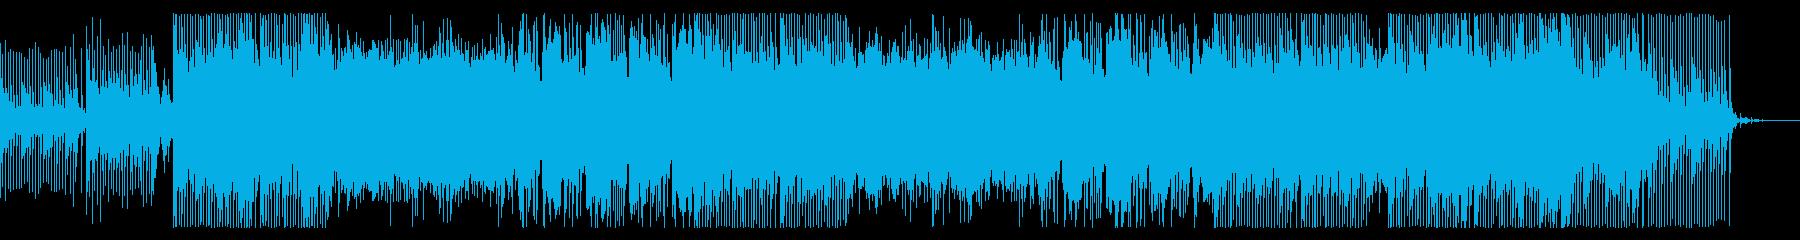 SHINOBIの再生済みの波形